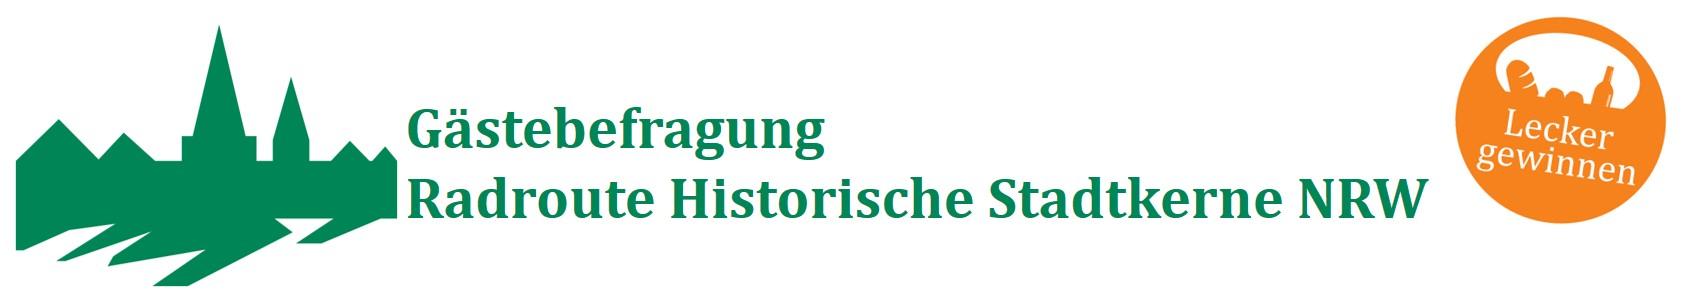 Radroute Historische Stadtkerne NRW